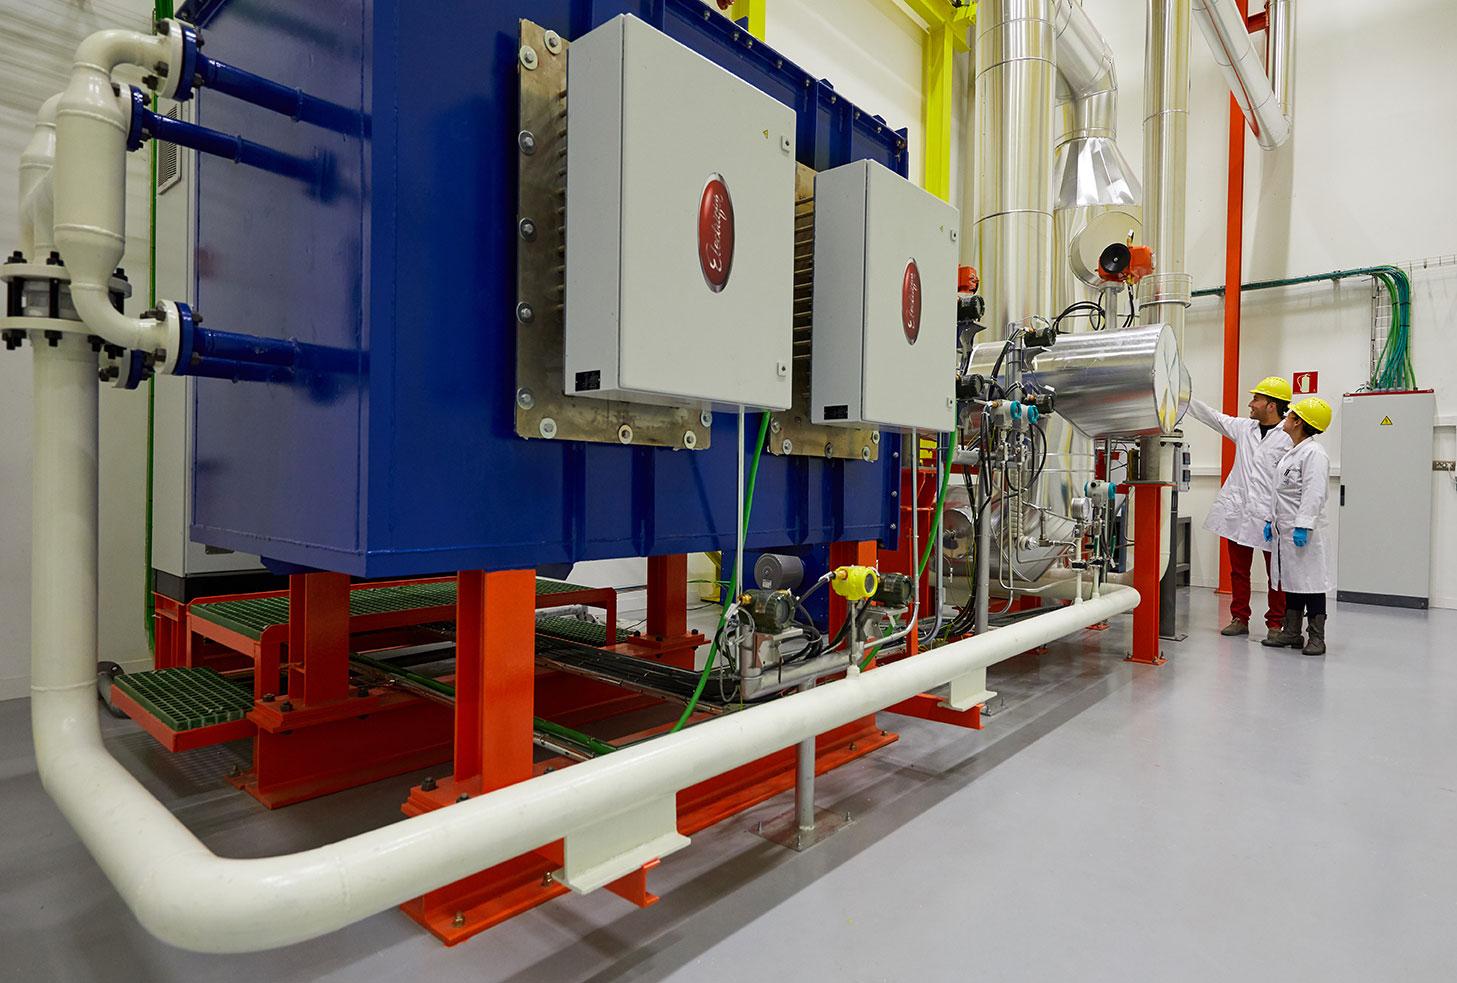 Almacenamiento de energía térmica